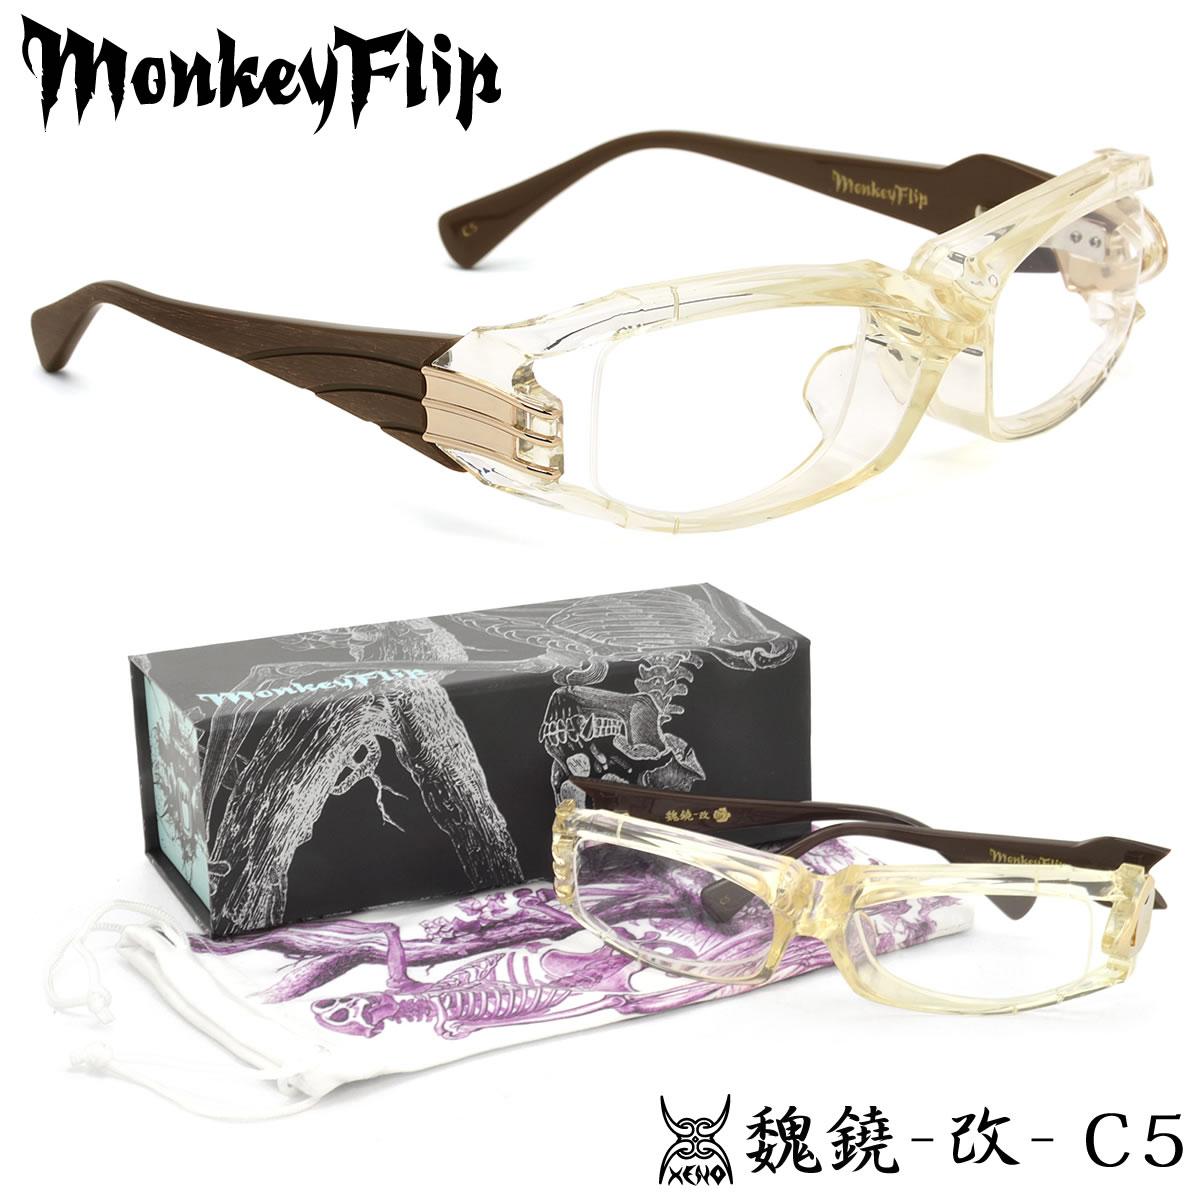 ほぼ全品ポイント15倍~最大43倍+3倍!お得なクーポンも! 【Monkey Flip】(モンキーフリップ) メガネ 魏鐃改 C5 61サイズ 魏鐃-改- XENO ギドラカイ ゼノ モンキーフリップ MonkeyFlip メンズ レディース